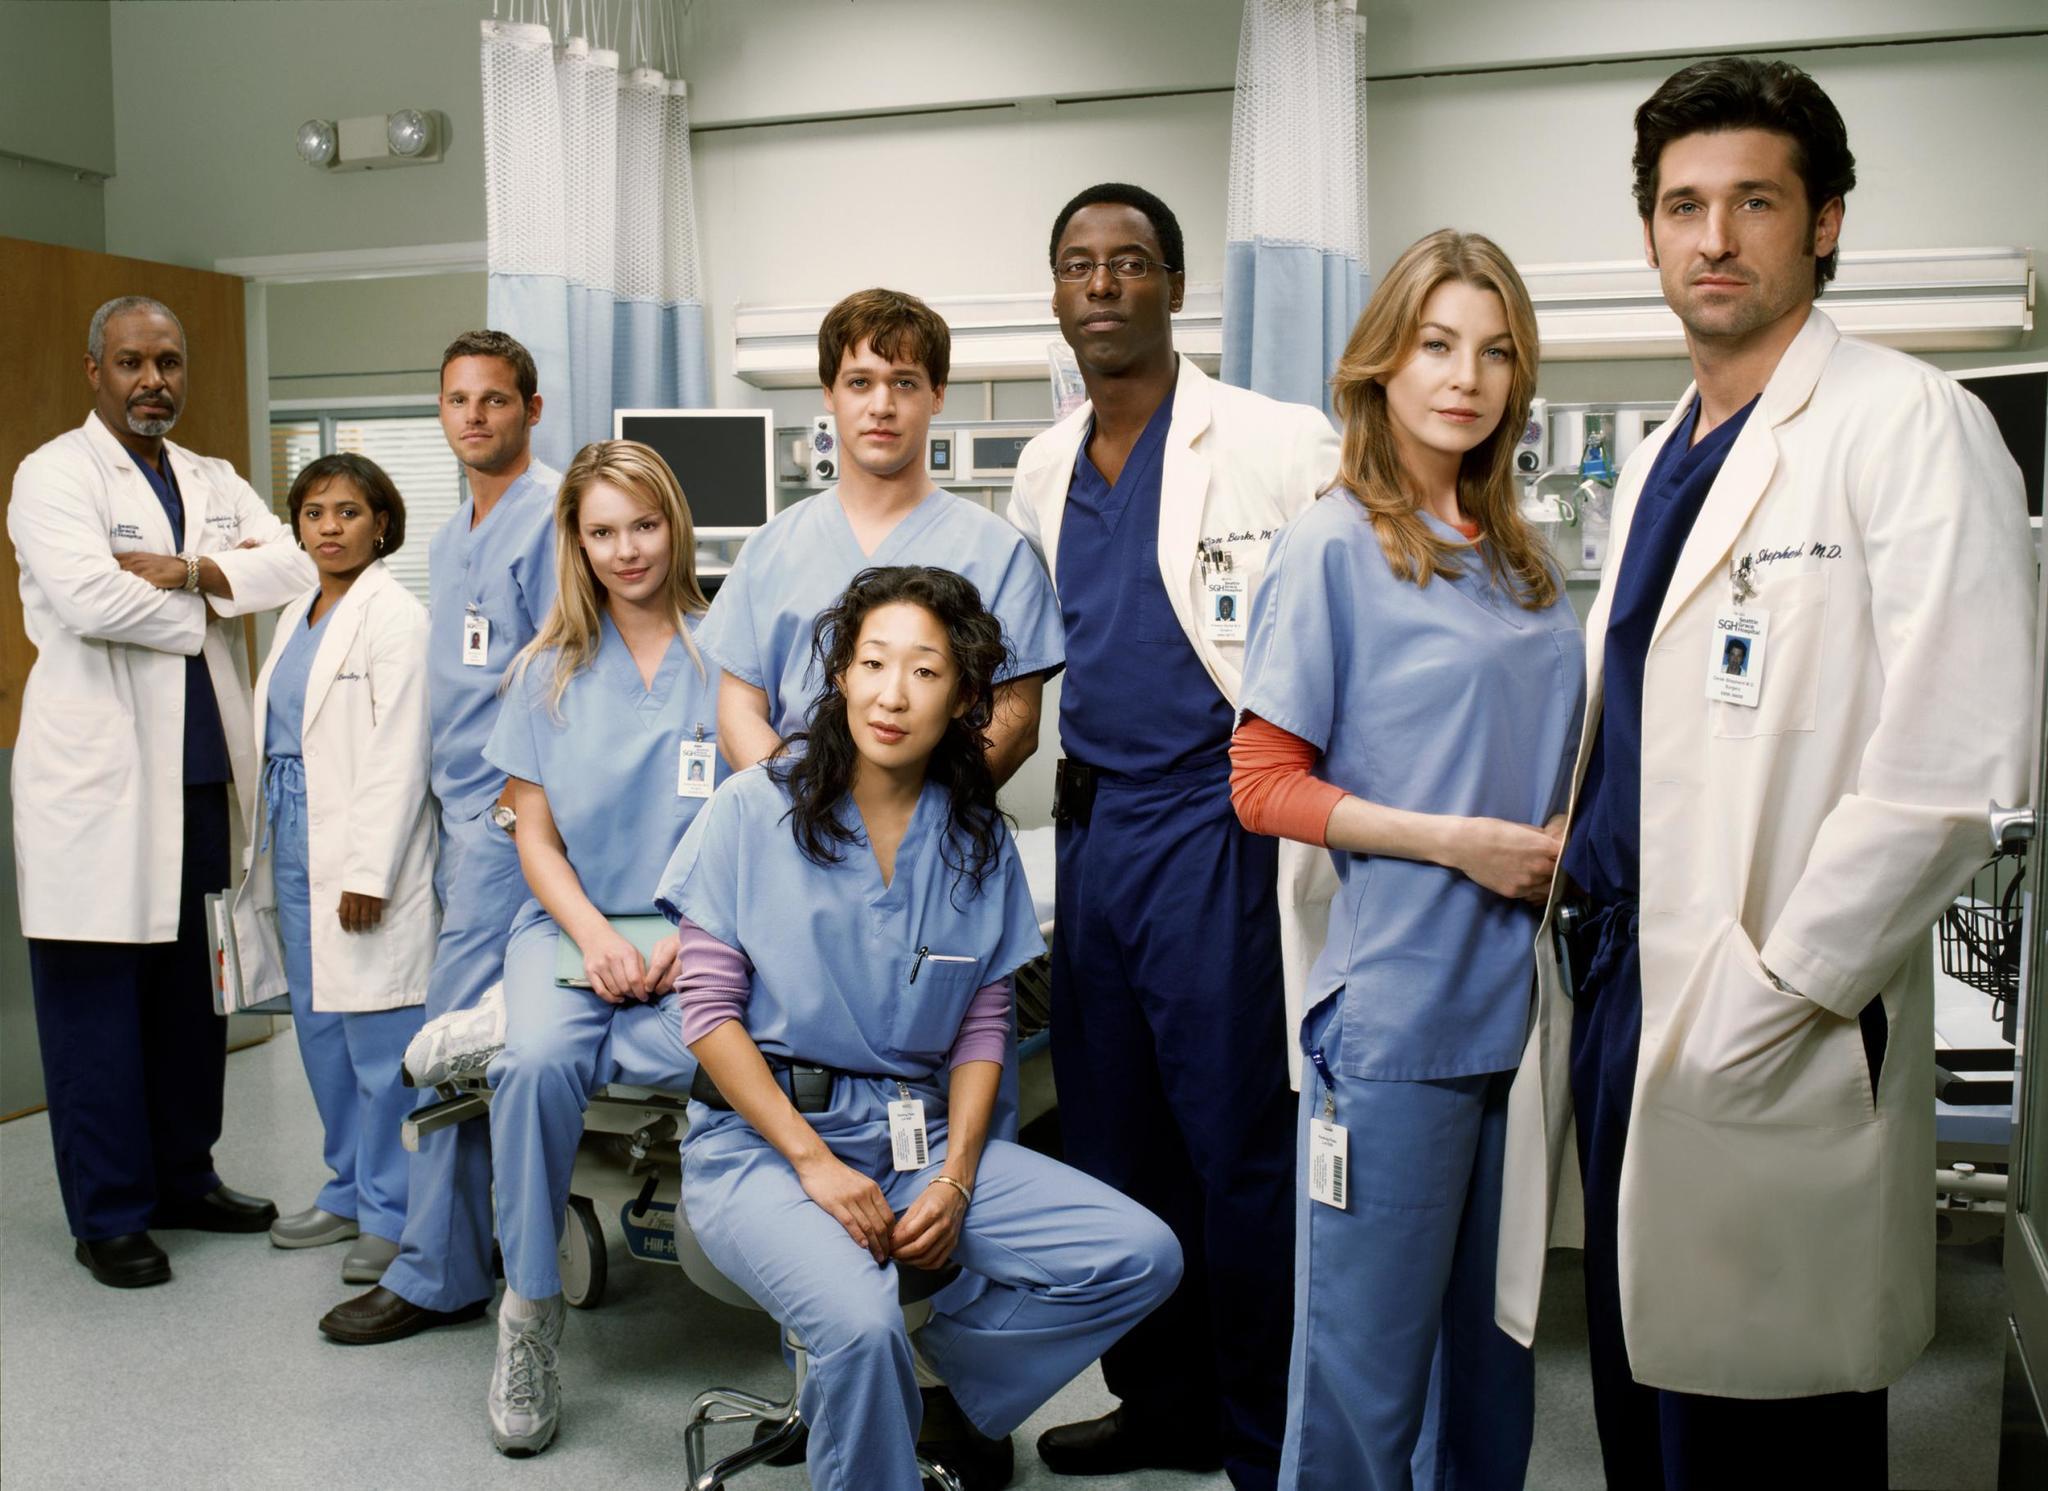 """Elenco original de la serie """"Anatomía de Grey"""" en su primera temporada, estrenada en 2005."""